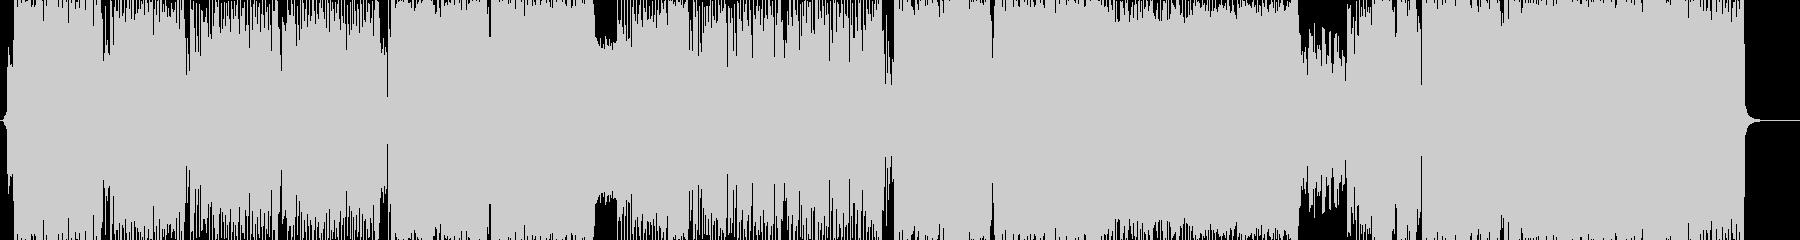 HIMITSUスパークの未再生の波形